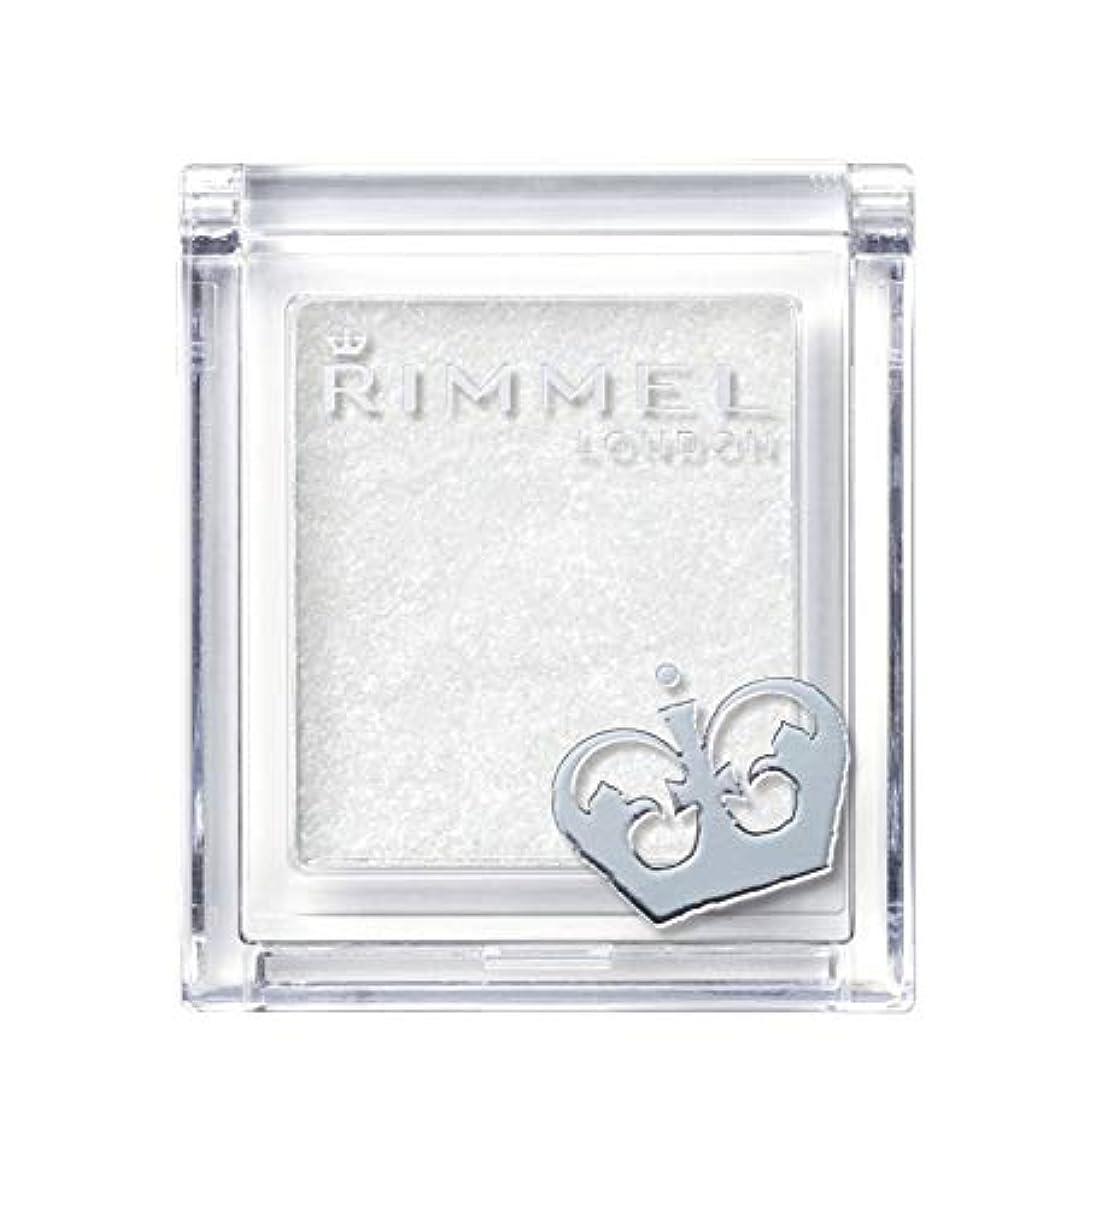 を必要としています論争の的課税リンメル プリズムパウダーアイカラー 001 ダイヤモンドホワイト 1.5g